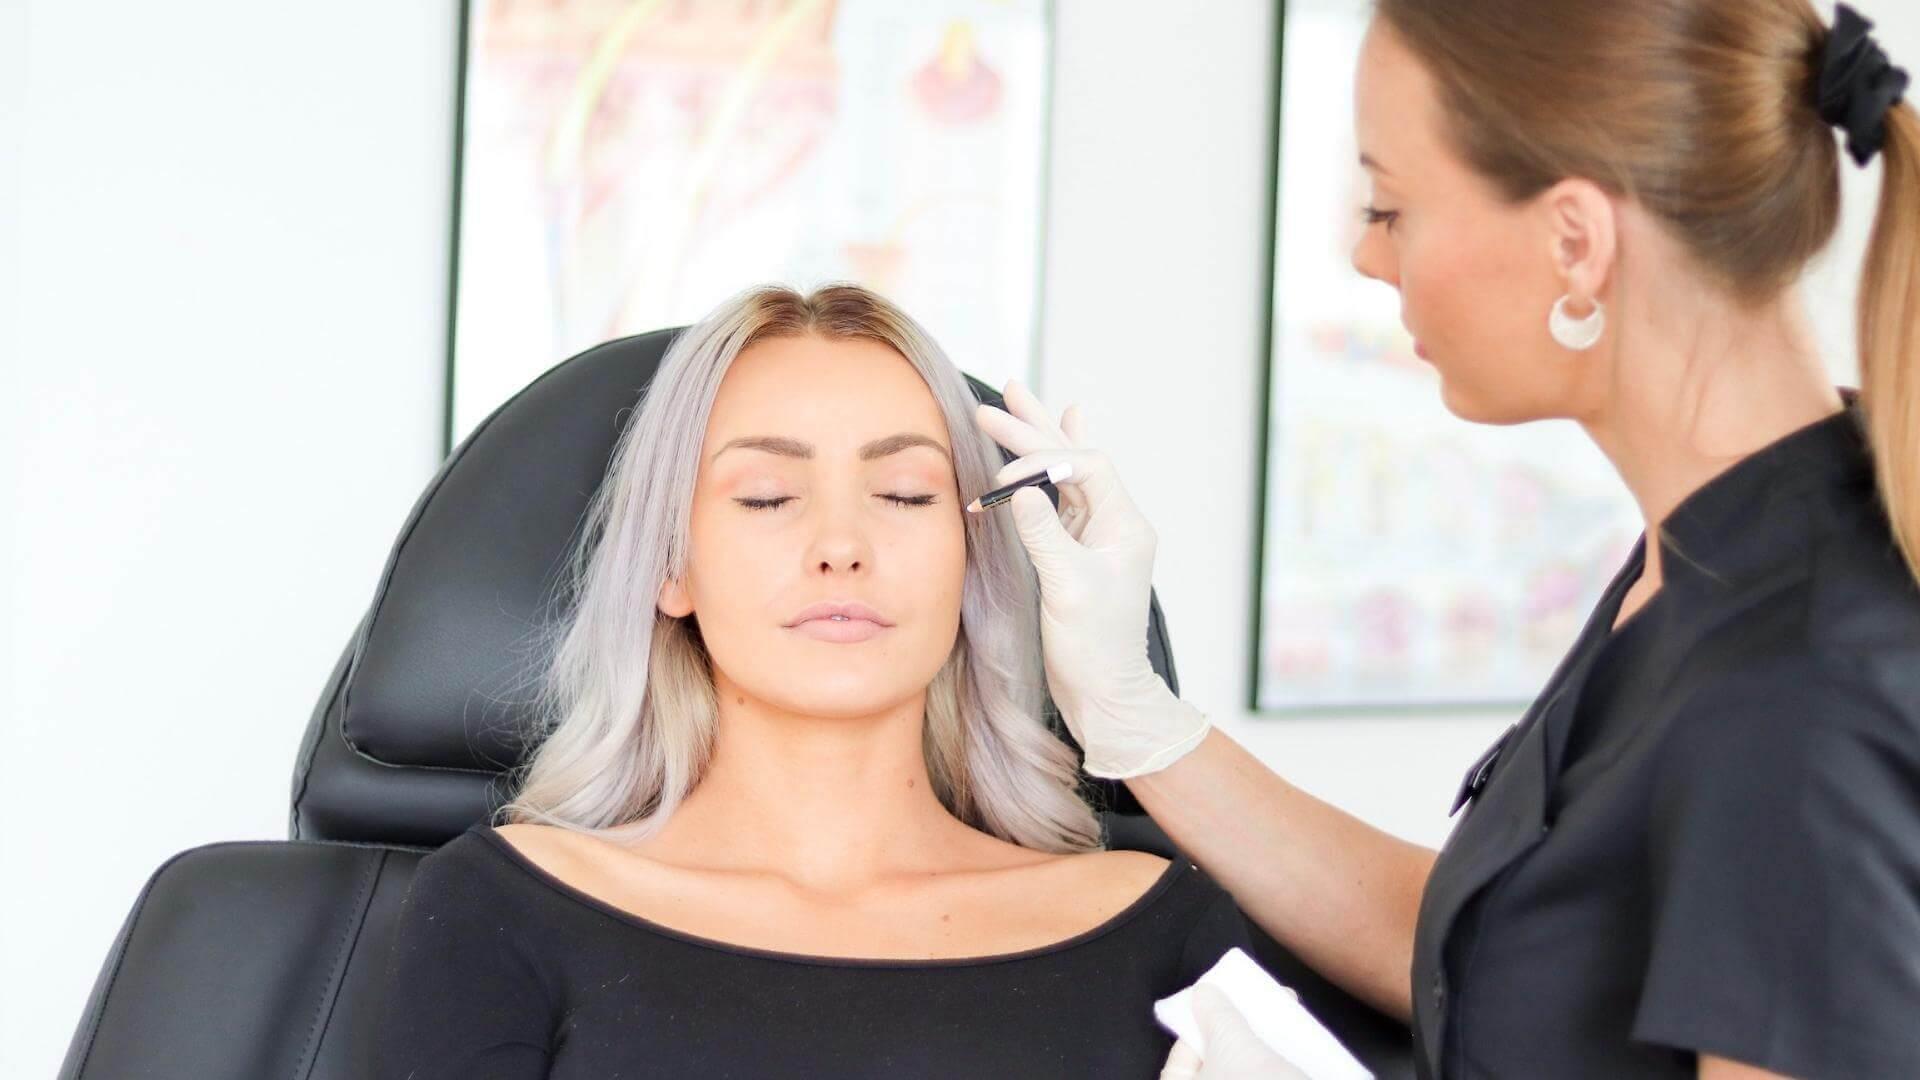 kosmetisk sygeplejerske behandler ung smuk pige